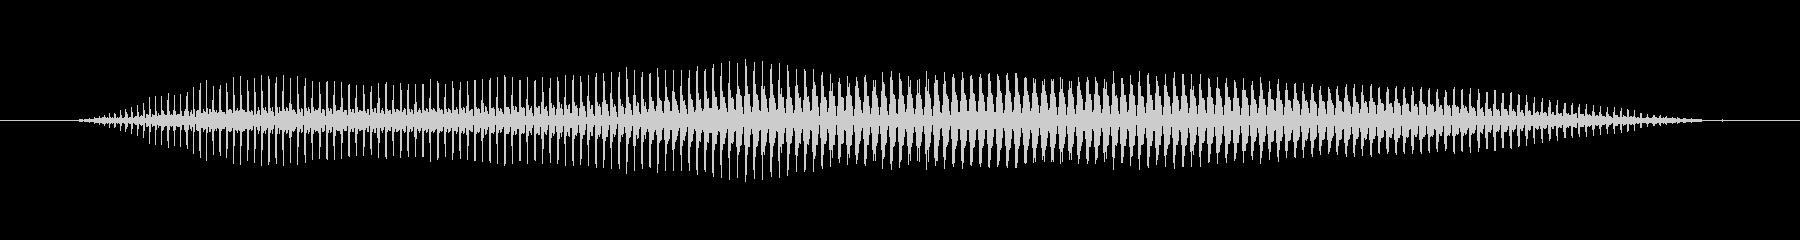 プ〜(オナラ)の未再生の波形